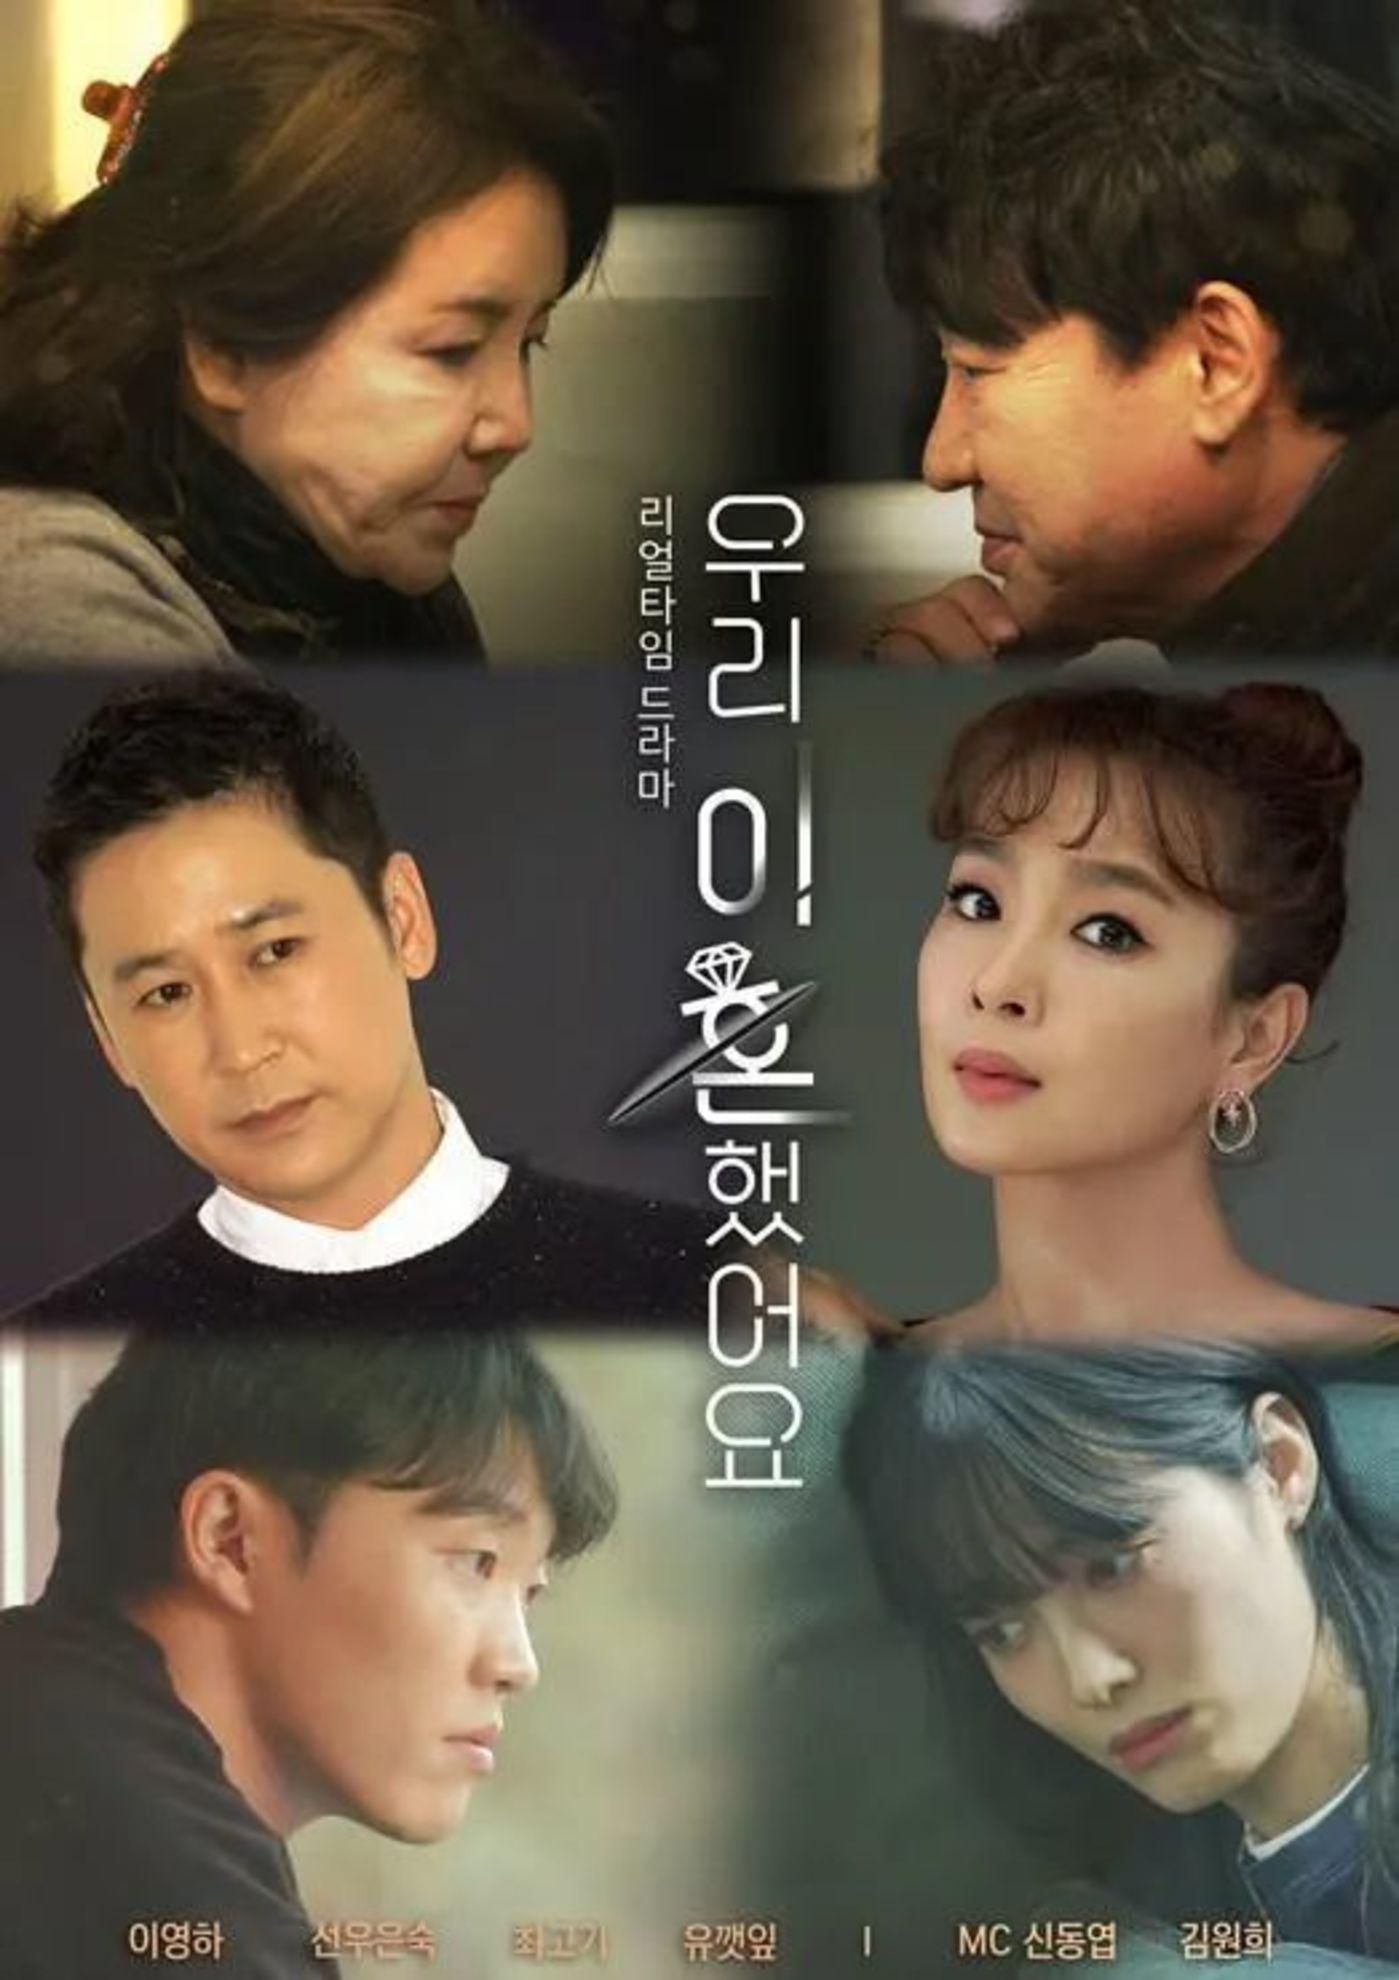 韩国慢综艺《我们离婚了》宣传海报